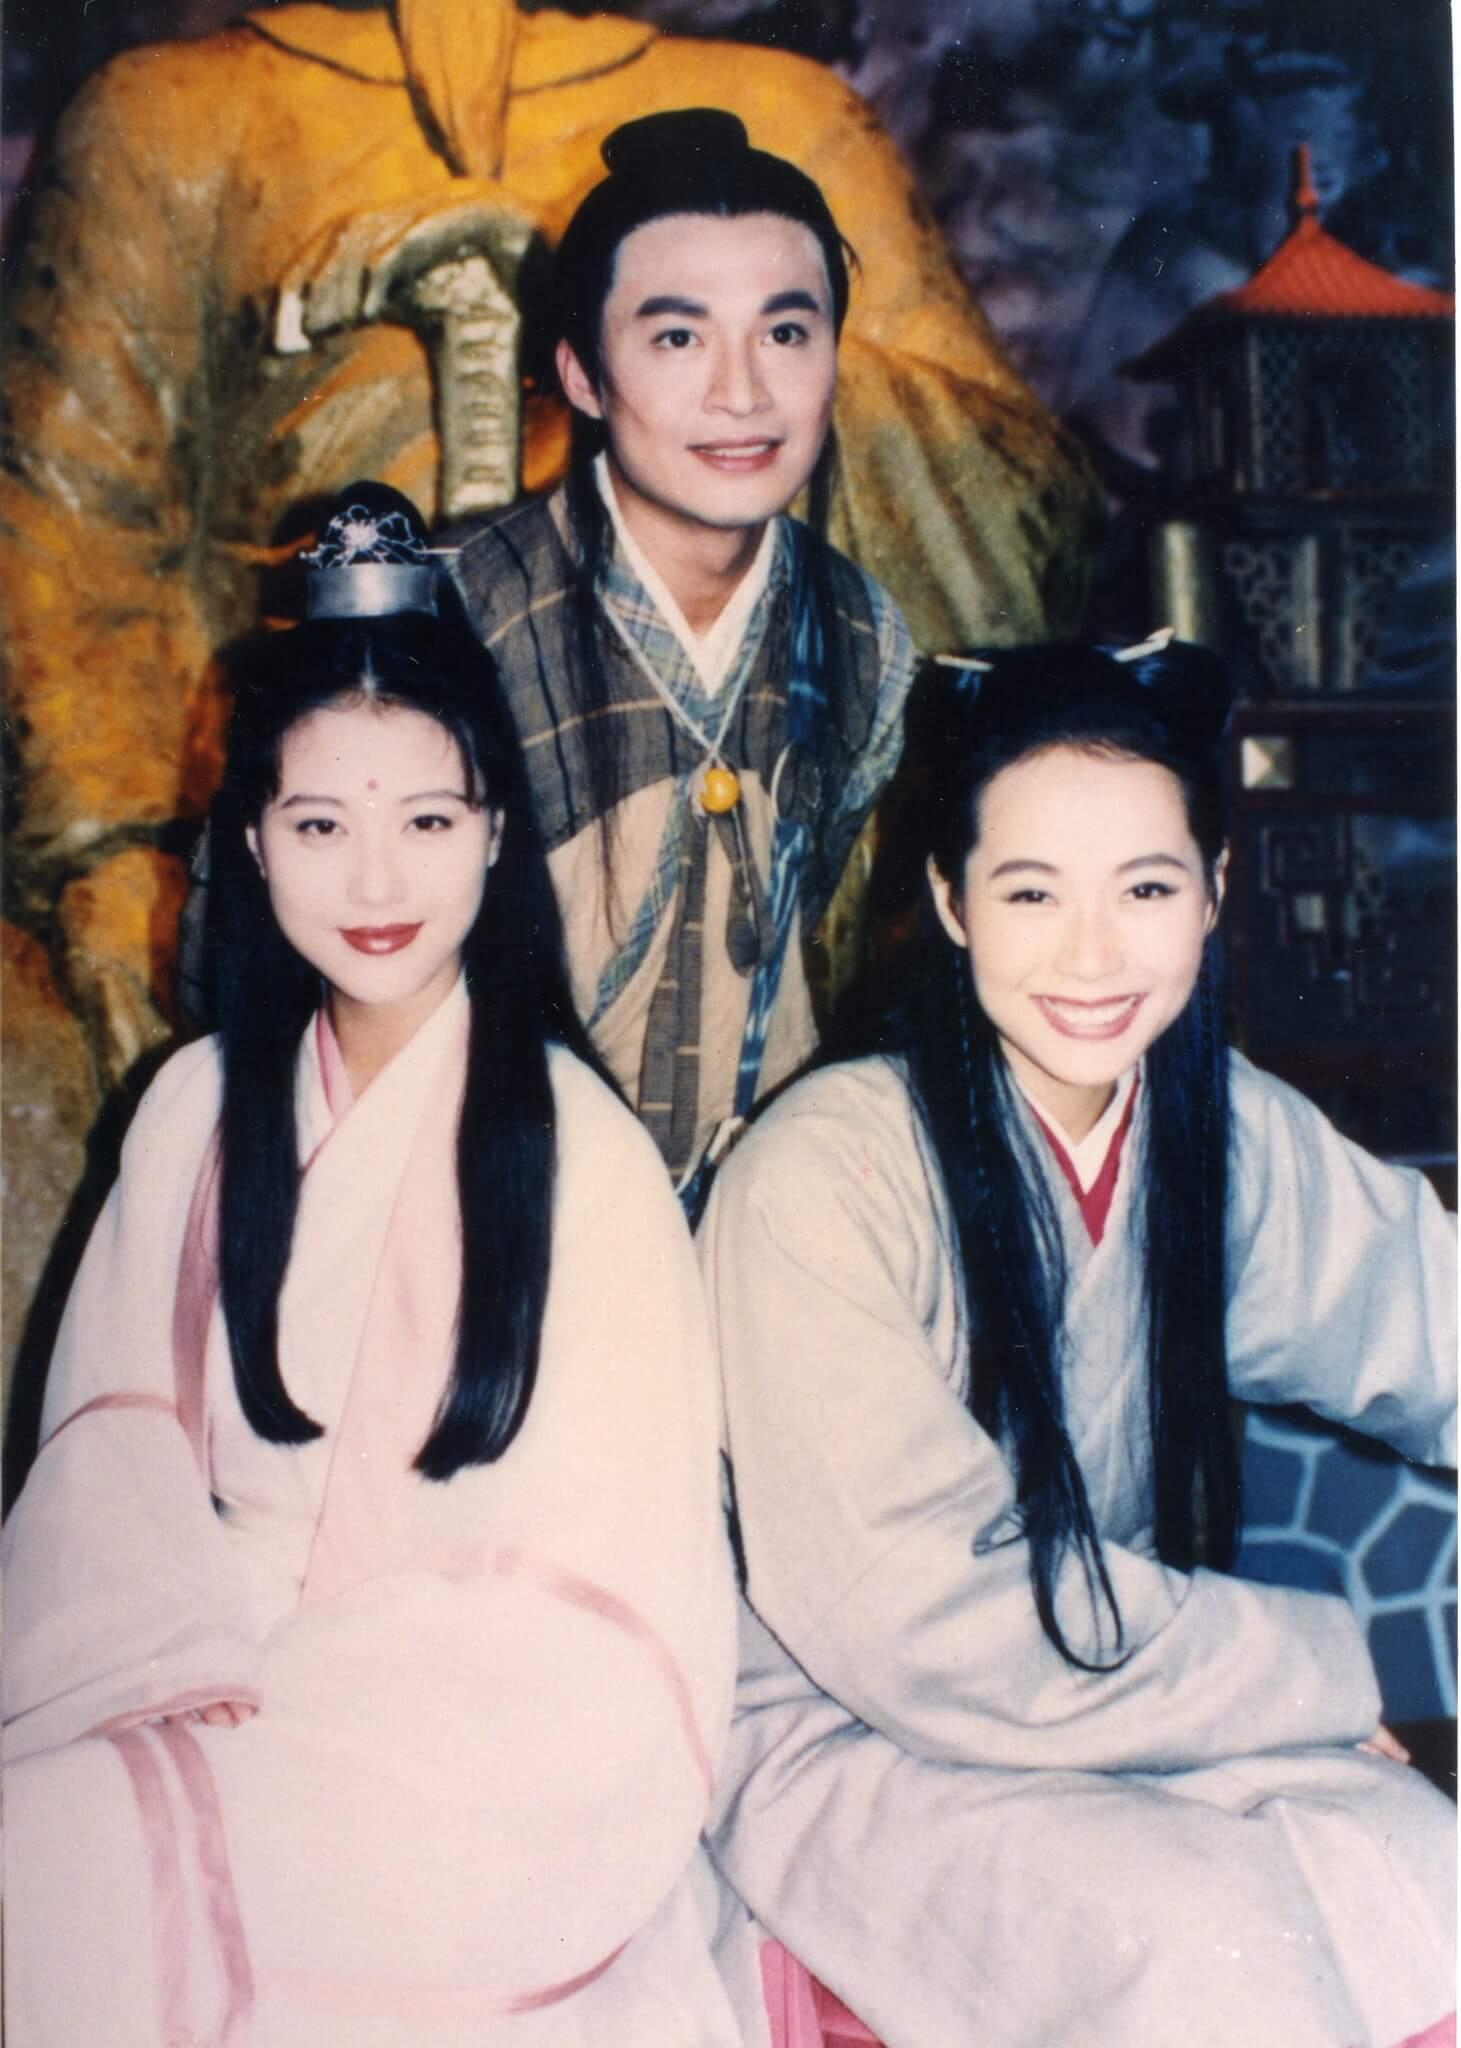 台劇《倚天》馬景濤飾演張無忌、葉童飾演趙敏,飾演周芷若的海味因此劇爆紅。